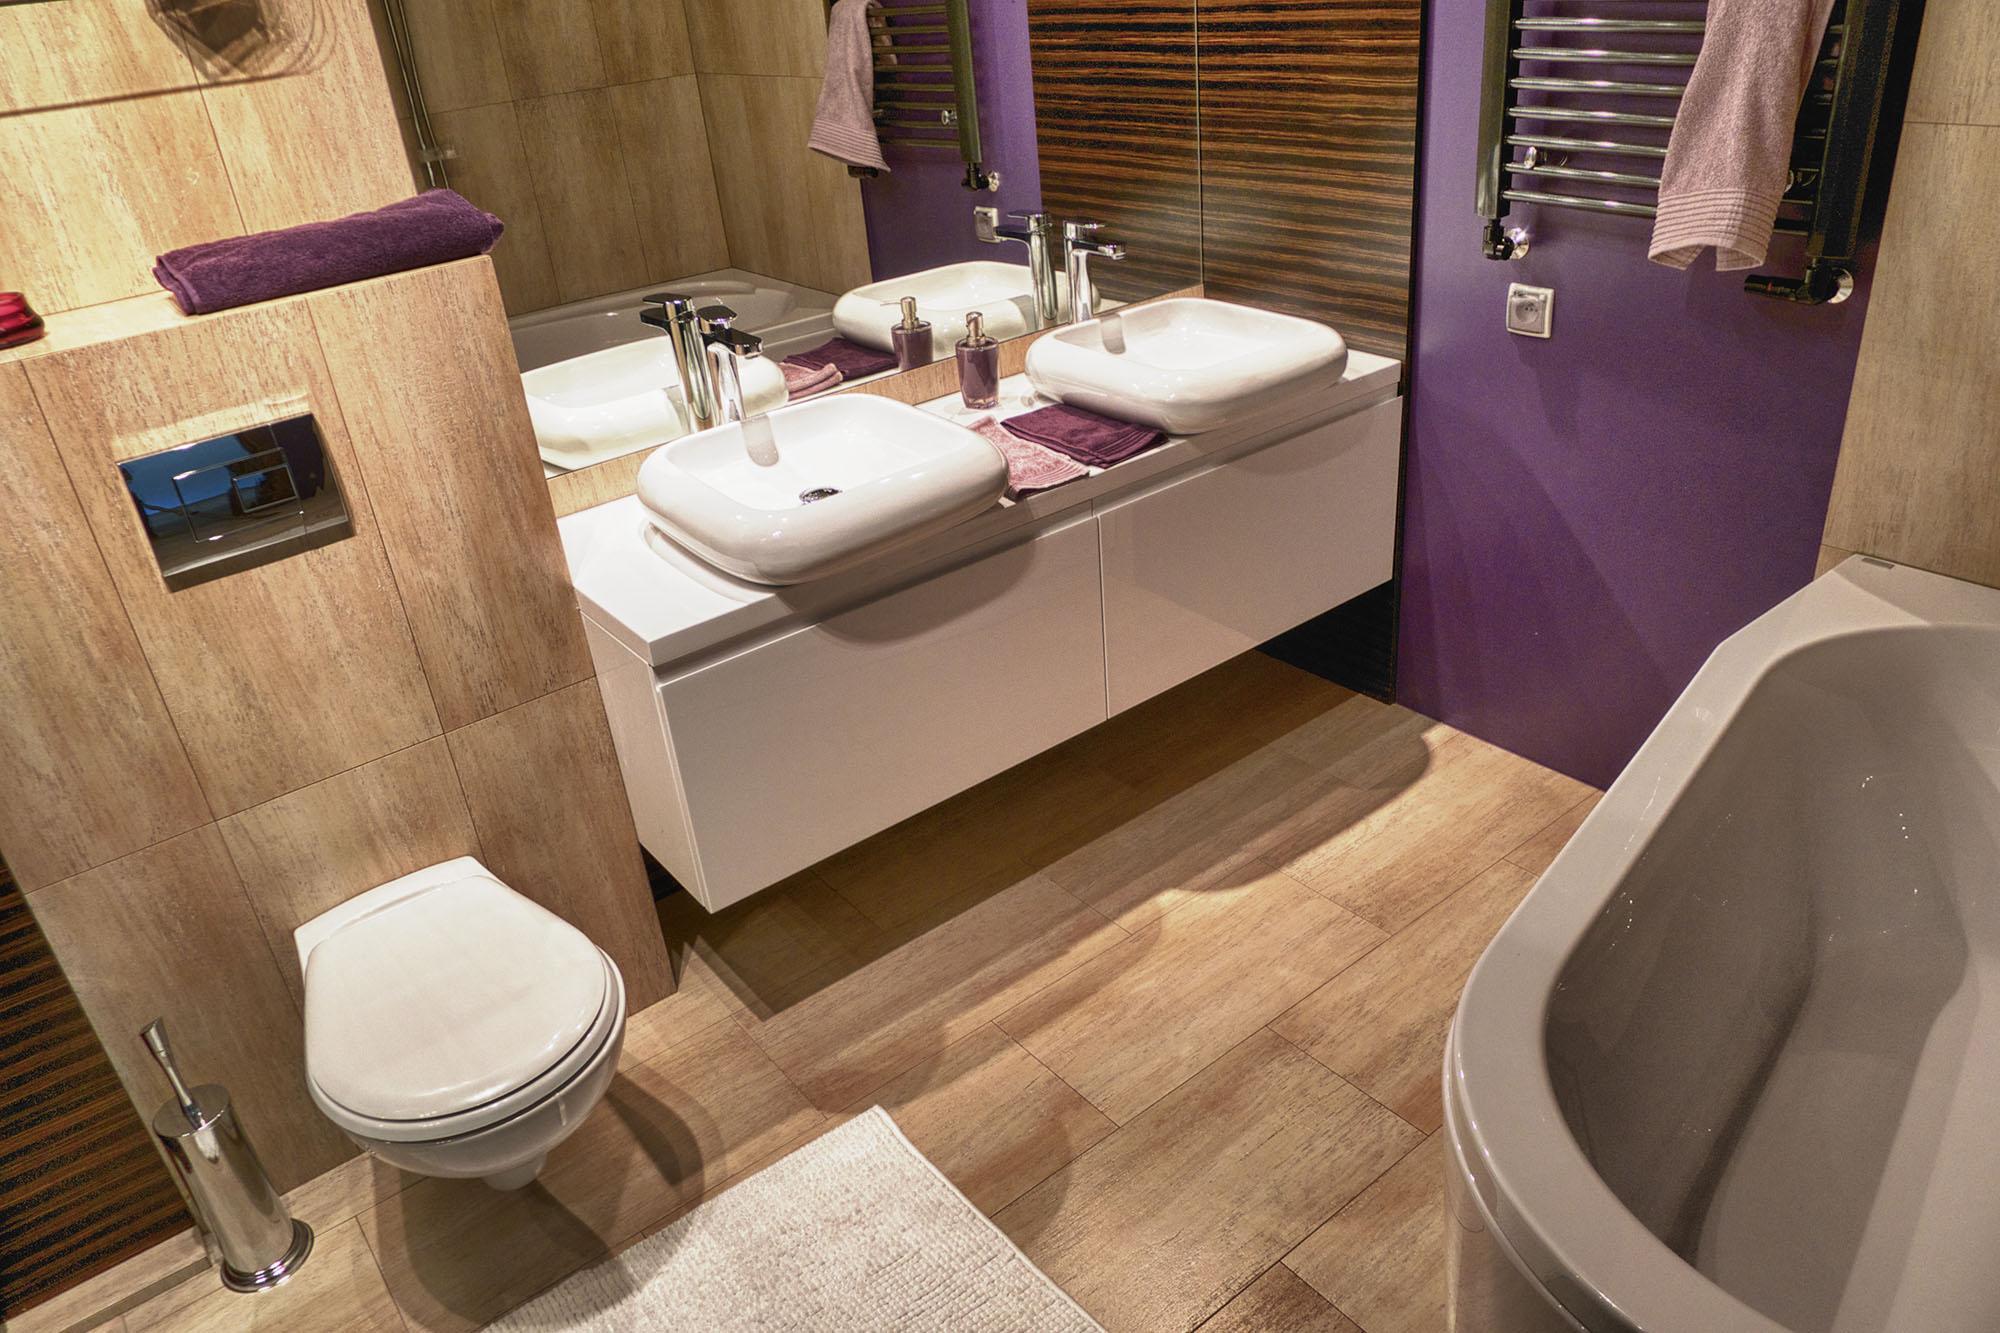 Дизайн ванны совмещенной с туалетом, 105 фото — ЭтотДом